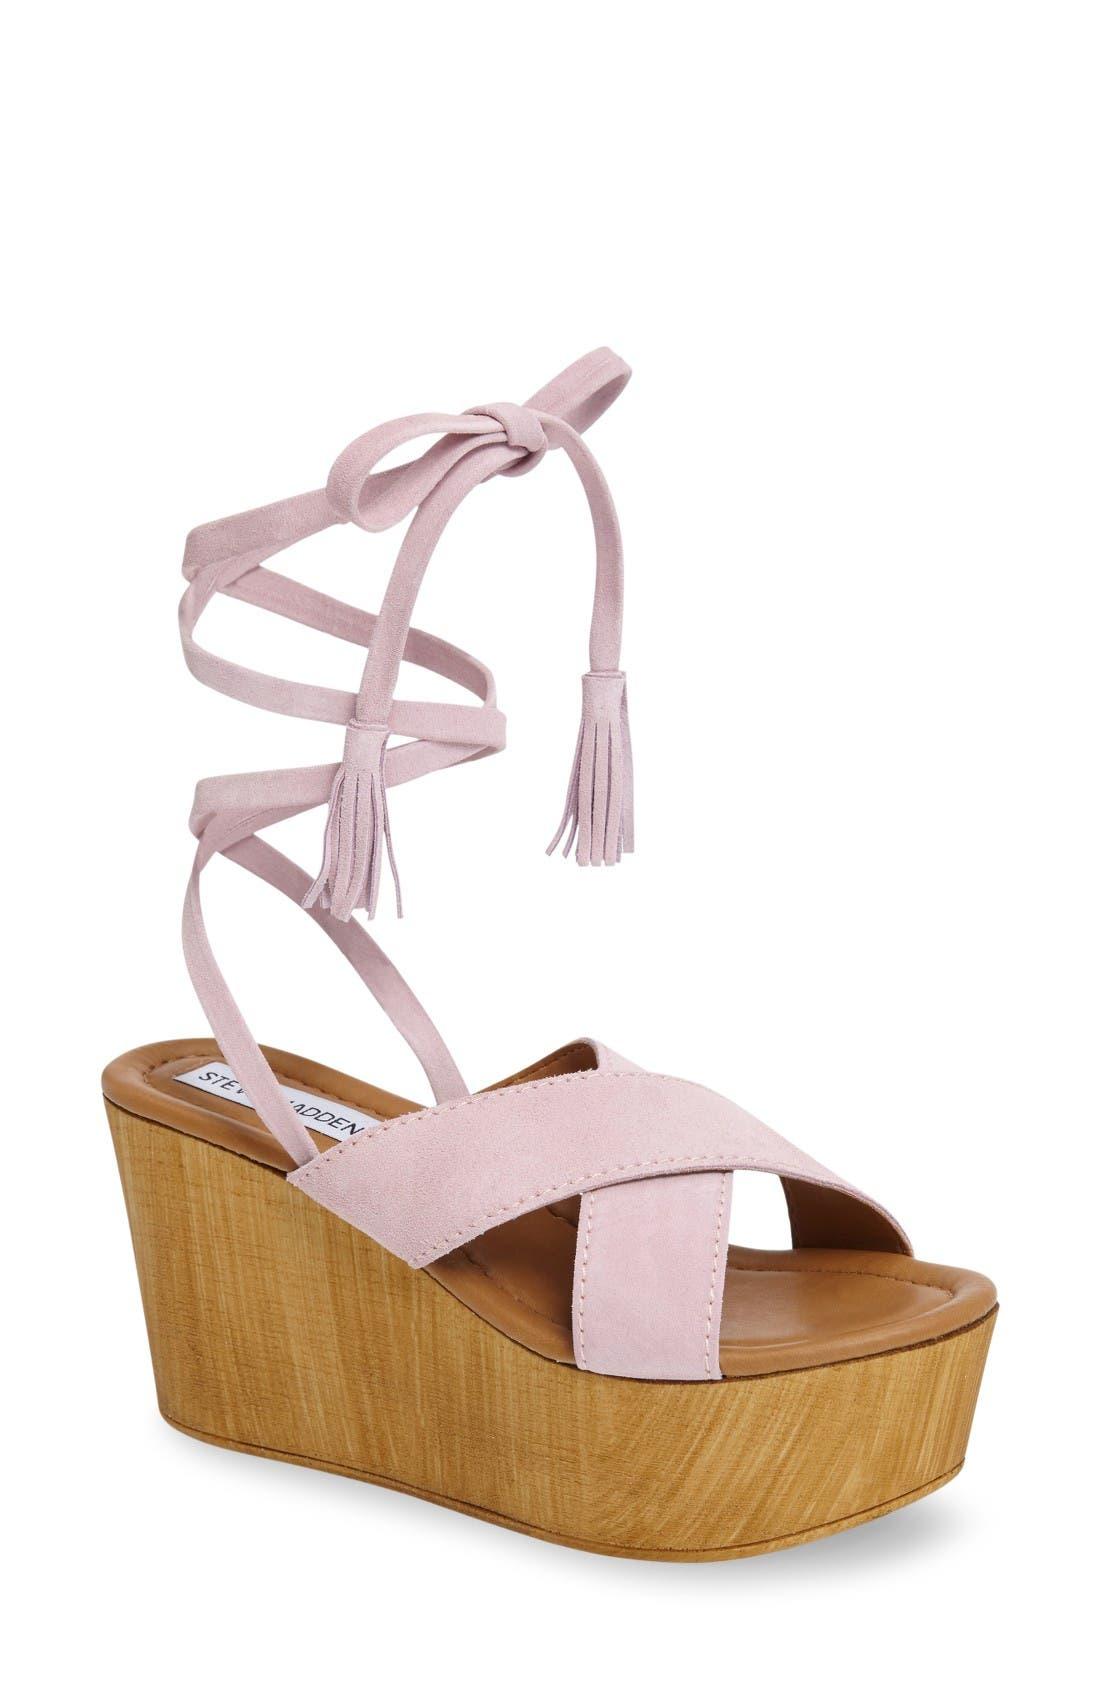 Alternate Image 1 Selected - Steve Madden Shella Platform Sandal (Women)